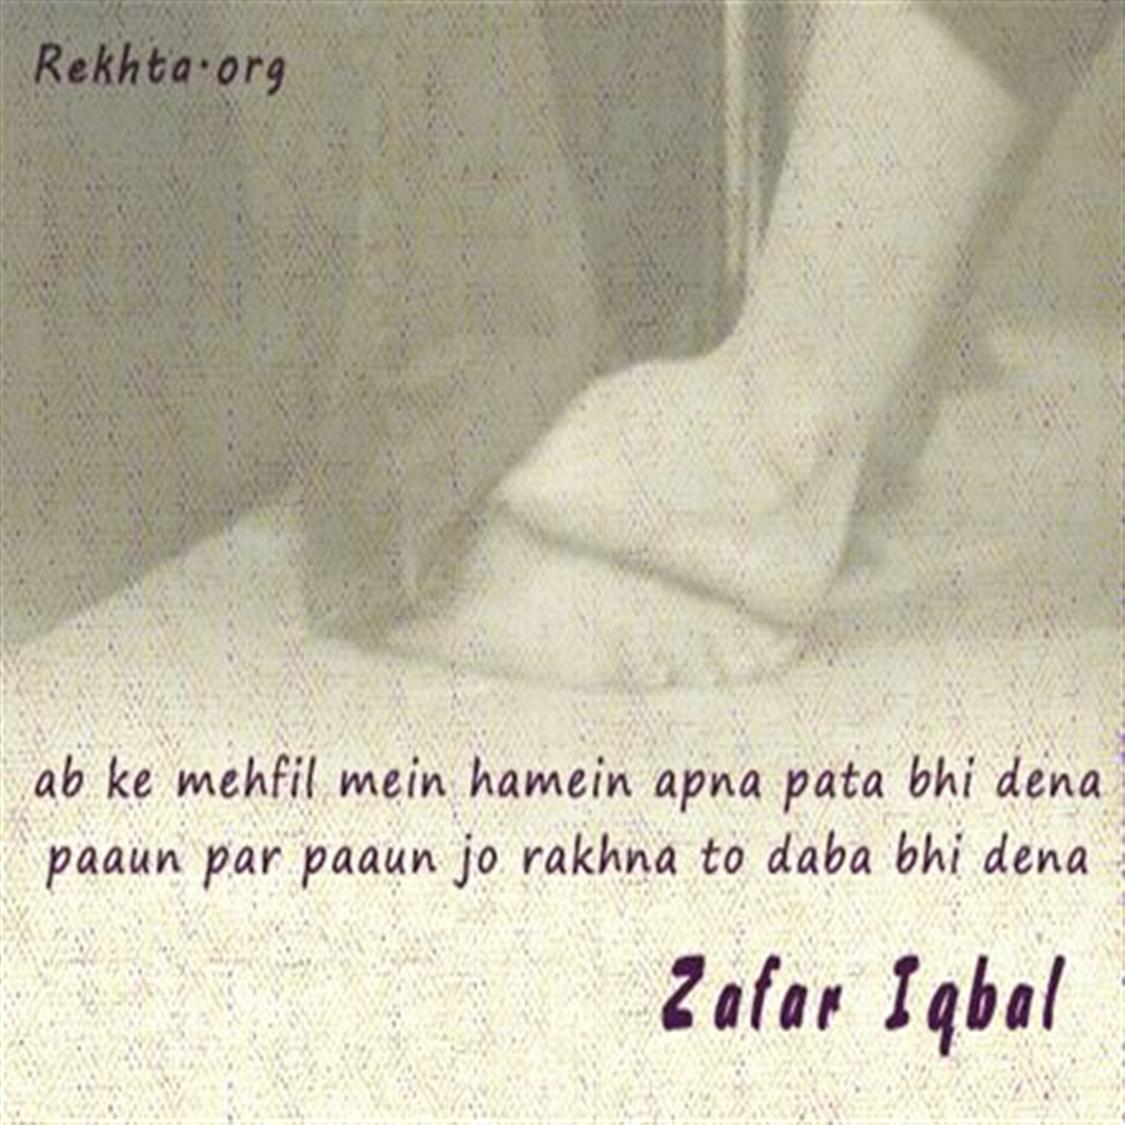 ab ke is bazm me.n kuchh apnaa pata bhii denaa-Zafar Iqbal